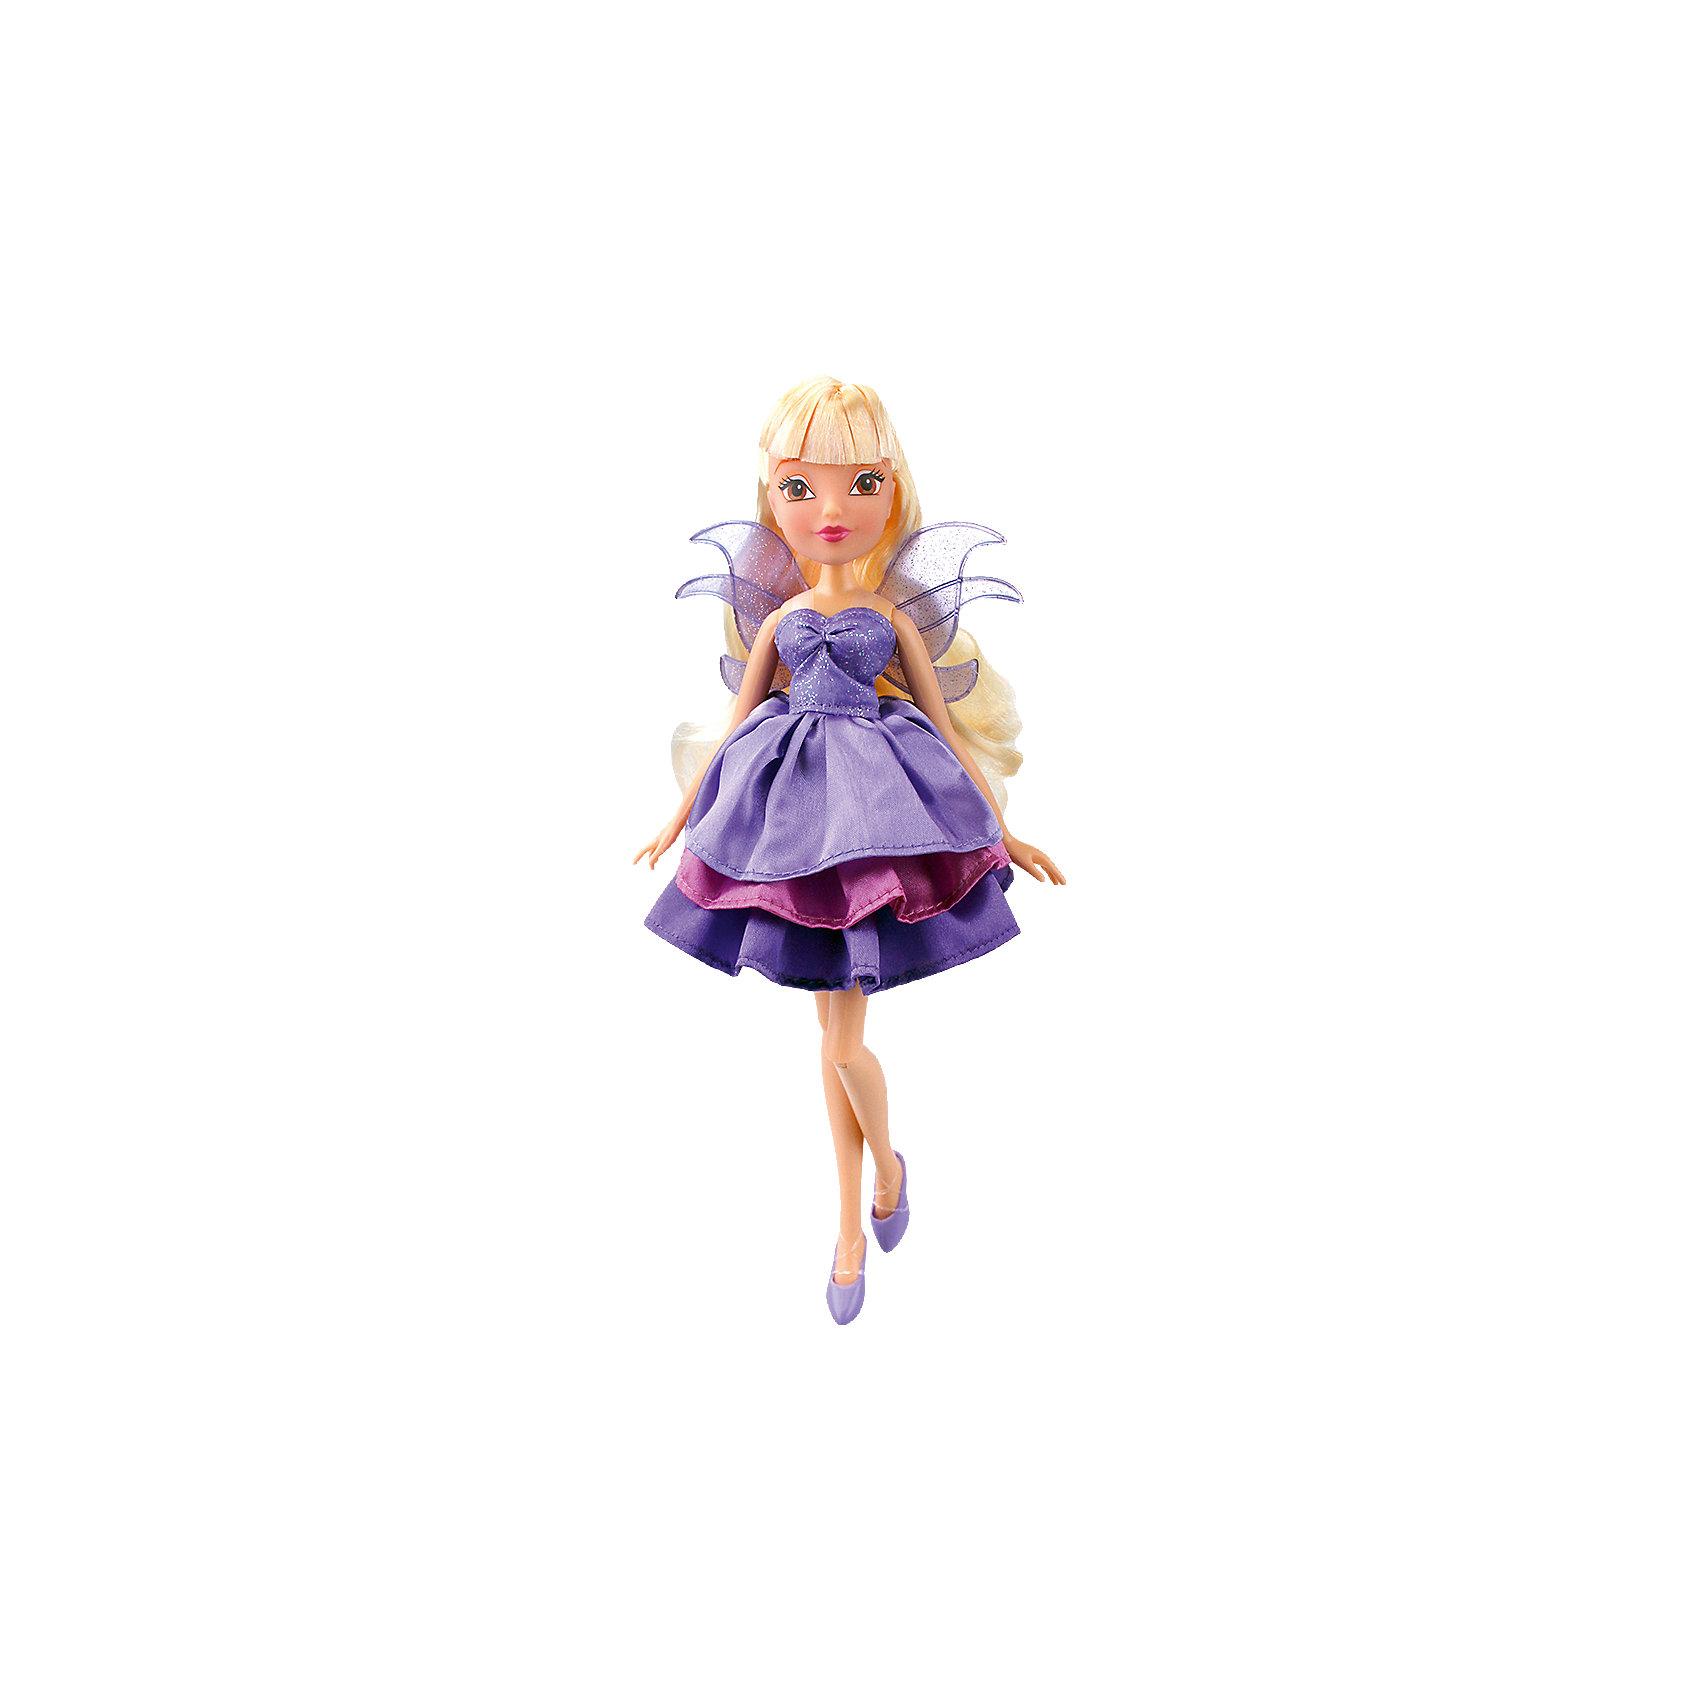 Кукла Стелла Волшебное платье, Winx ClubИгрушки<br>Характеристики товара:<br><br>• возраст: от 3 лет;<br>• материал: пластик, текстиль;<br>• в комплекте: кукла, платье, 2 заколки;<br>• высота куклы: 27 см;<br>• размер упаковки: 35,5х21х6 см;<br>• вес упаковки: 304 гр.;<br>• страна производитель: Китай.<br><br>Кукла Стелла «Волшебное платье» Winx Club создана по мотивам известного мультсериала «Клуб Винкс: Школа волшебниц» про очаровательных фей-волшебниц. Стелла — лучшая подруга главной героини Блум, с которой она любит смотреть комедии, устраивать вечеринки и ходить по магазинам. <br><br>У феи карие выразительные глаза и светлые волосы с челкой. Аксессуары для волос помогут девочке придумать для Стеллы оригинальный и яркий образ. Одета кукла в фиолетовое платье с пышной юбкой, дополненное крылышками на спине. Платье одним движением превращается в длинное элегантное вечернее платье. У куклы несколько точек артикуляции. Руки сгибаются в локтях и плечах, ноги в бедрах и коленях. <br><br>Куклу Стеллу «Волшебное платье» Winx Club можно приобрести в нашем интернет-магазине.<br><br>Ширина мм: 60<br>Глубина мм: 355<br>Высота мм: 210<br>Вес г: 304<br>Возраст от месяцев: 36<br>Возраст до месяцев: 2147483647<br>Пол: Женский<br>Возраст: Детский<br>SKU: 5532627